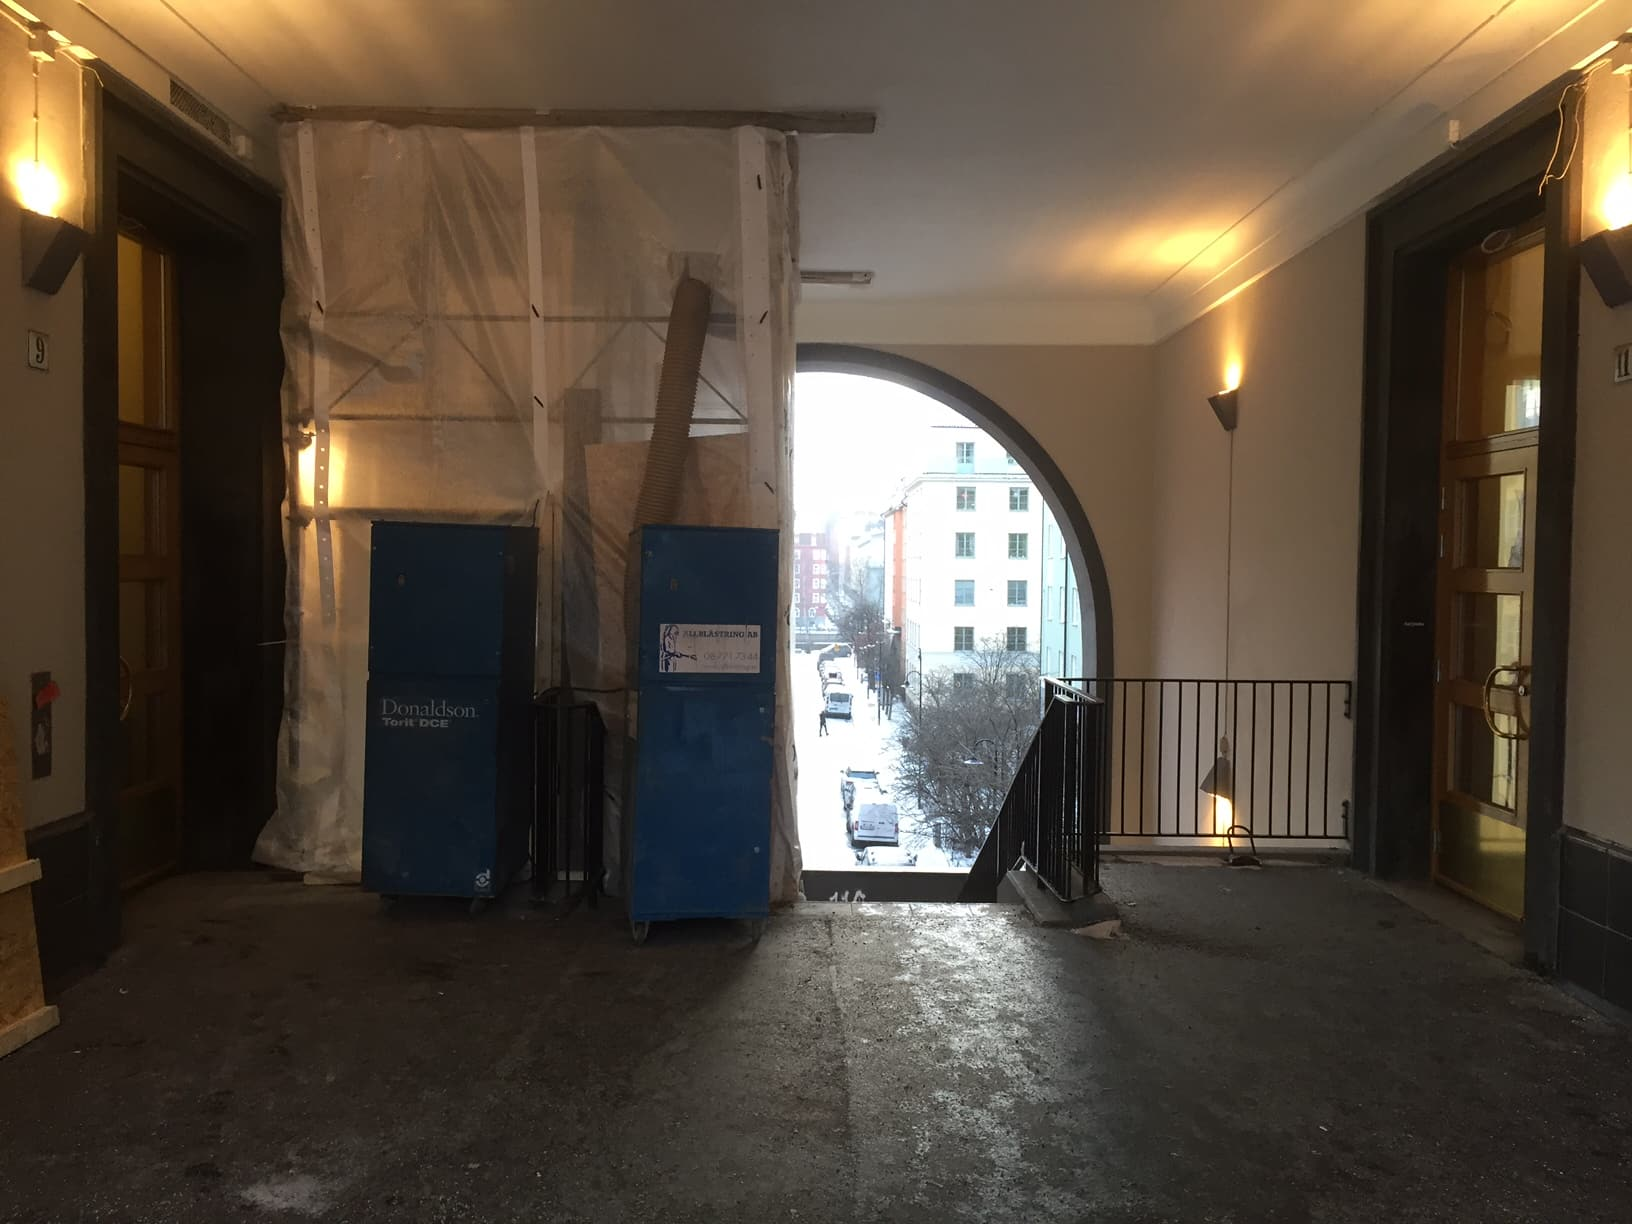 hiss sankt eriksplan vulcanusgatan allblästring blästring målning hisskonstruktion trafikkontoret 01